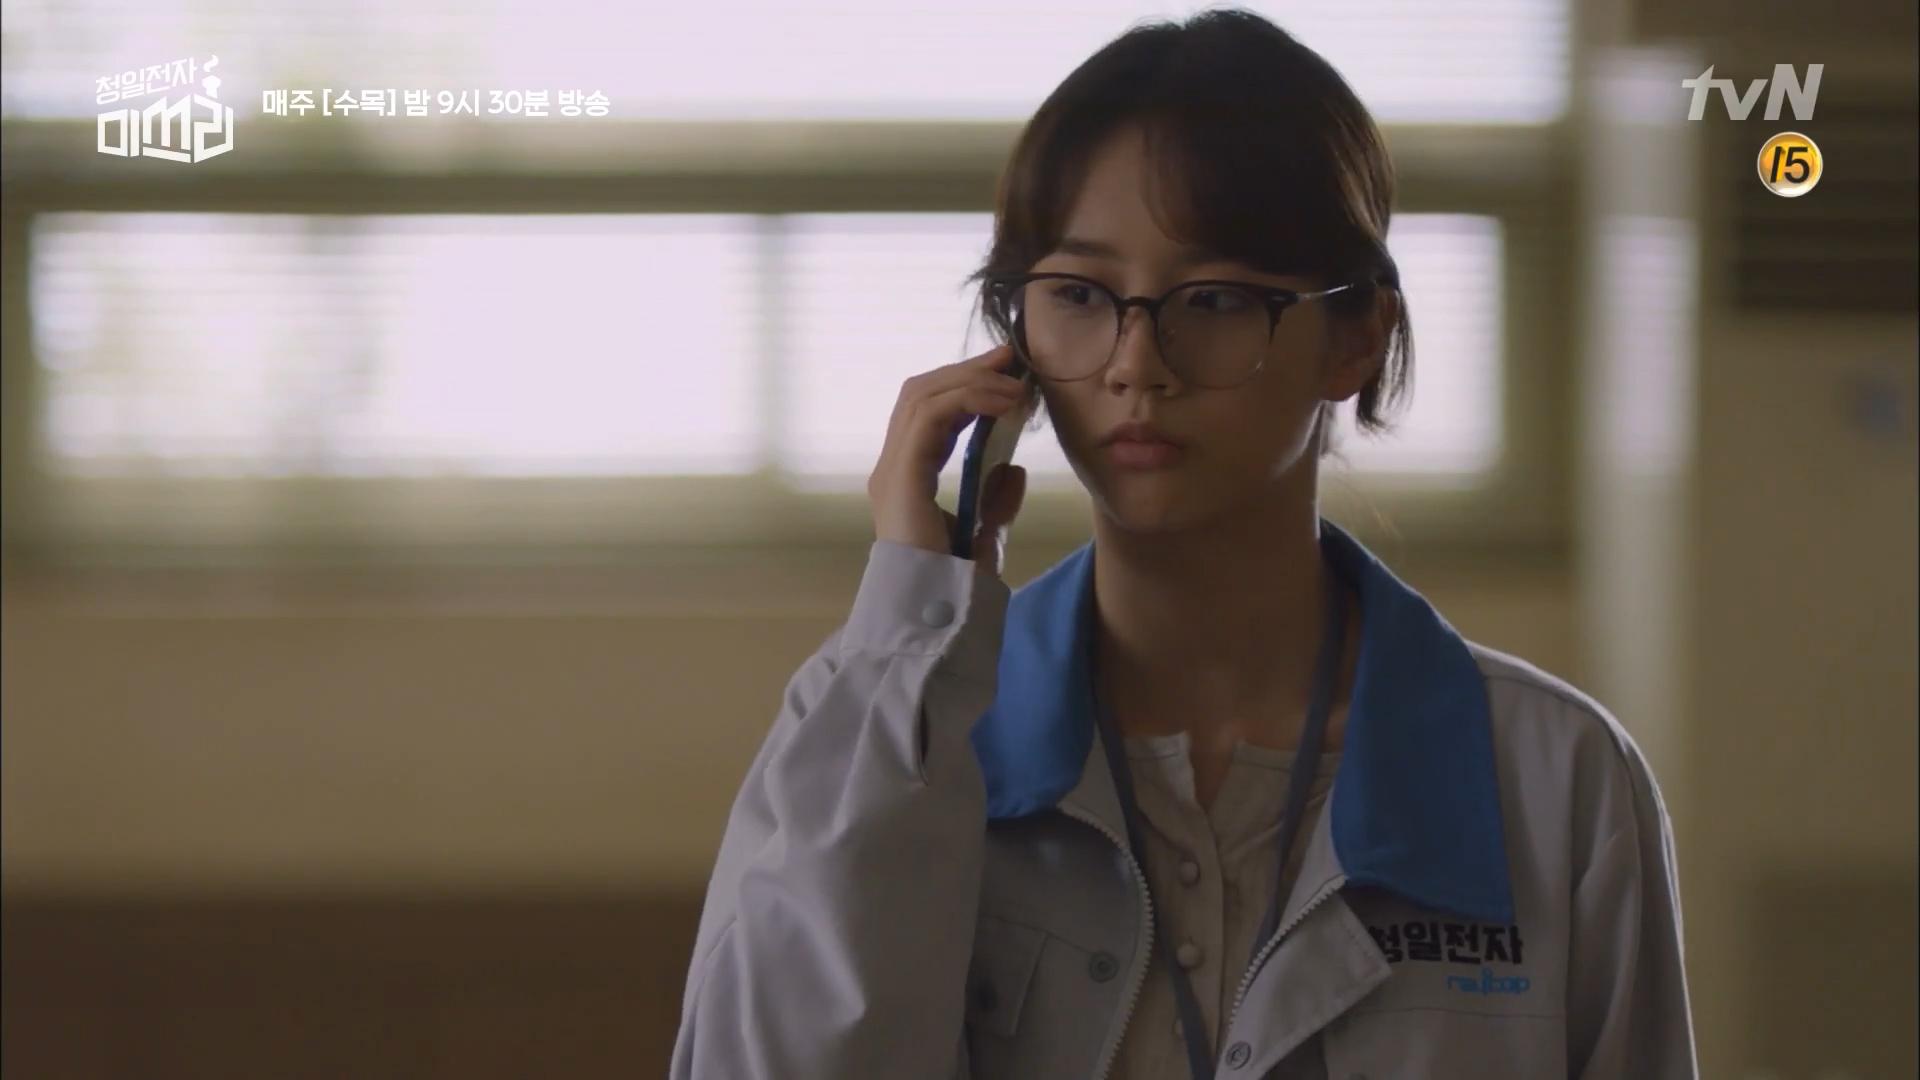 [2] Miss Lee - Screw